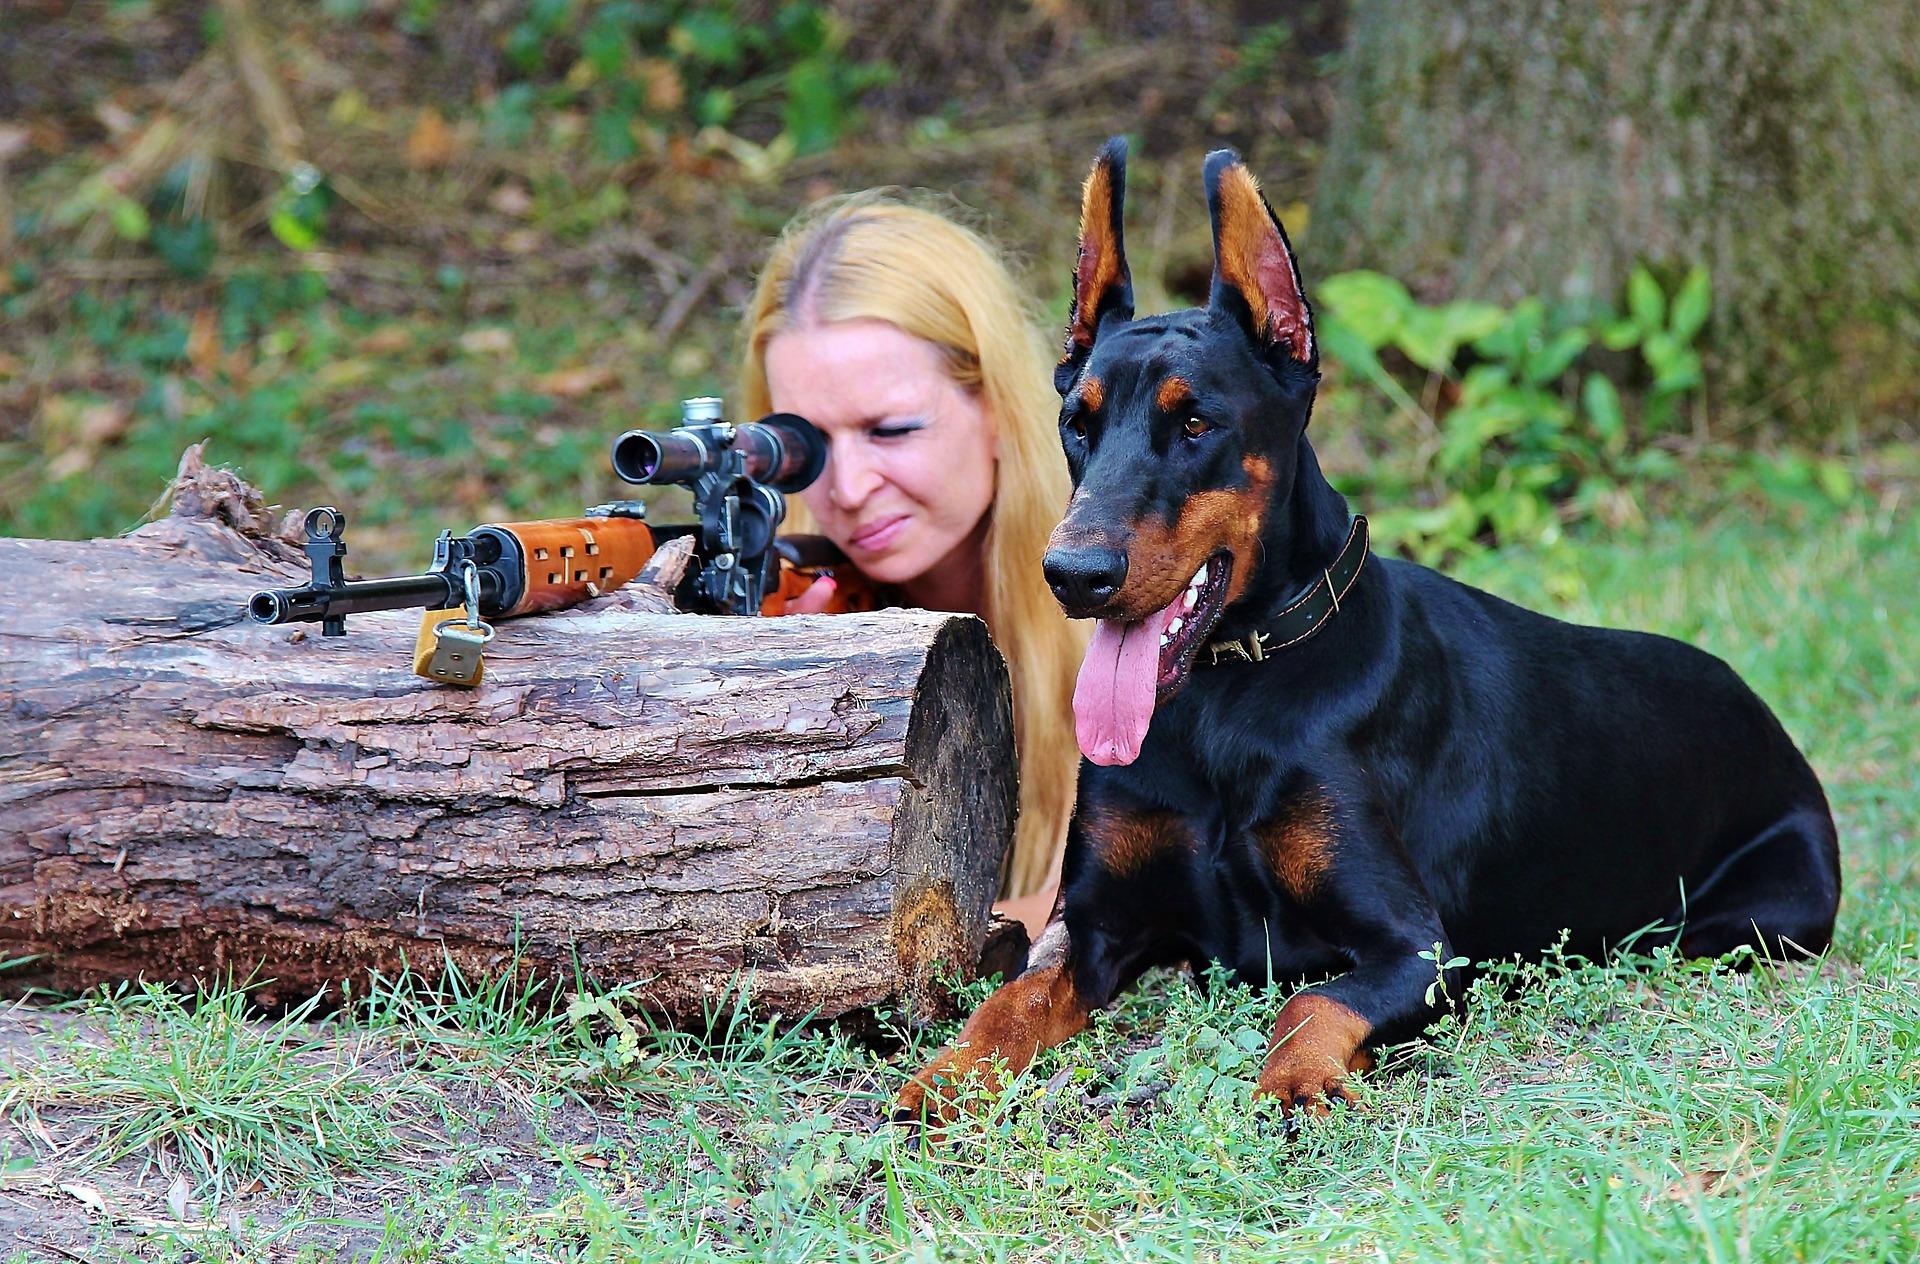 Consejos para cazar en verano